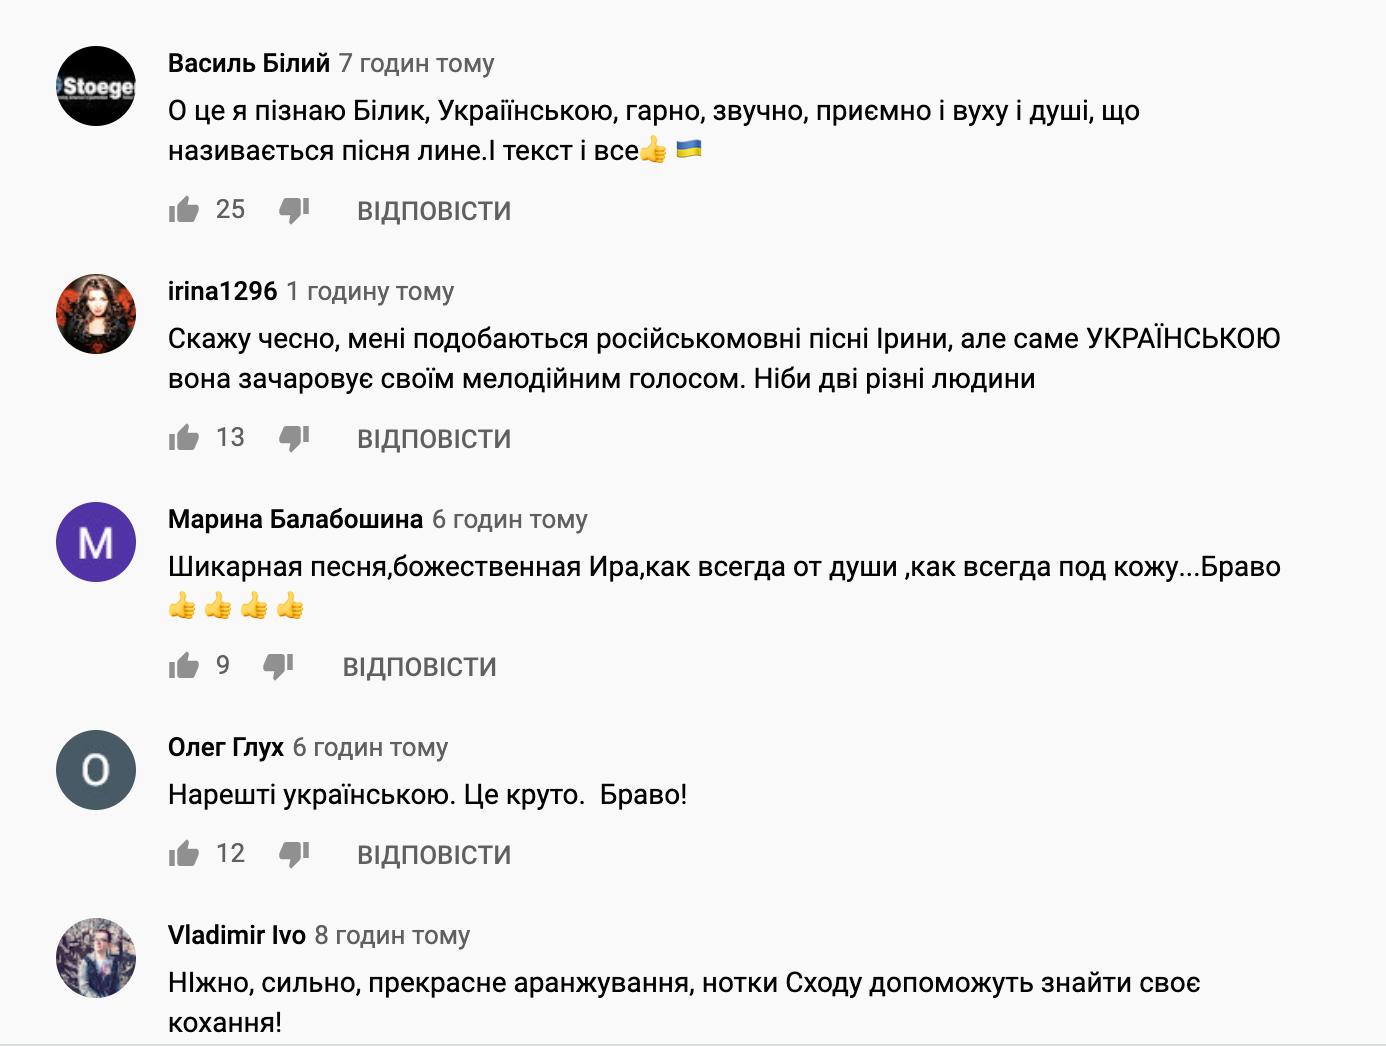 Фанаты расхвалили Билык за украиноязычную песню.